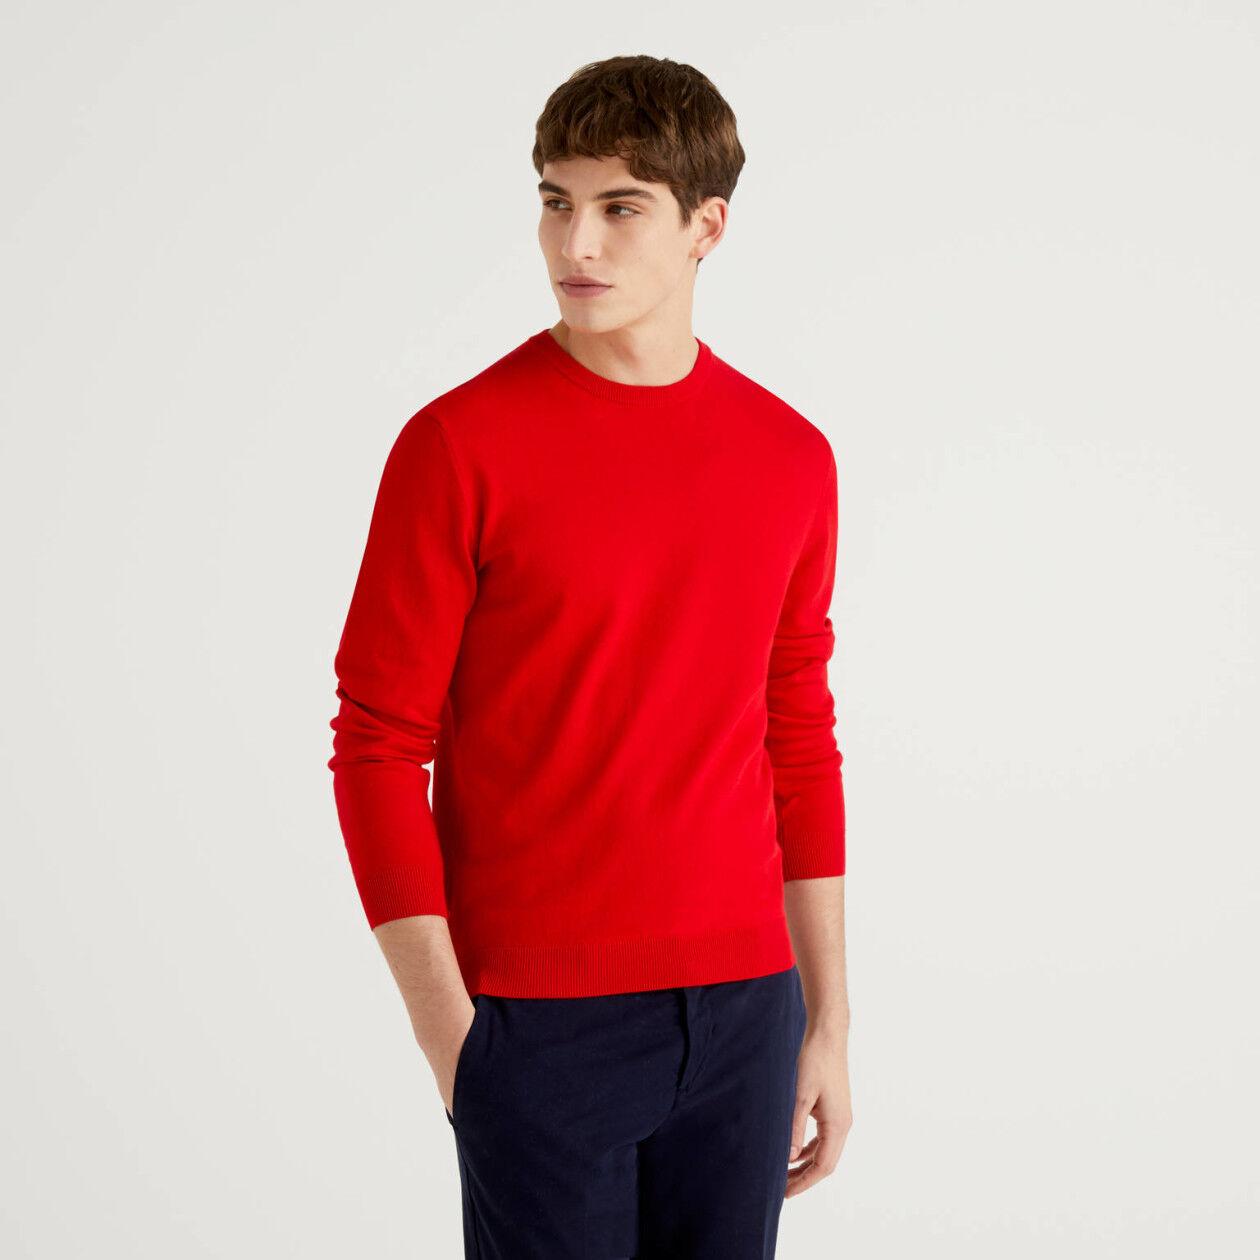 Jersey de cuello redondo de 100% algodón